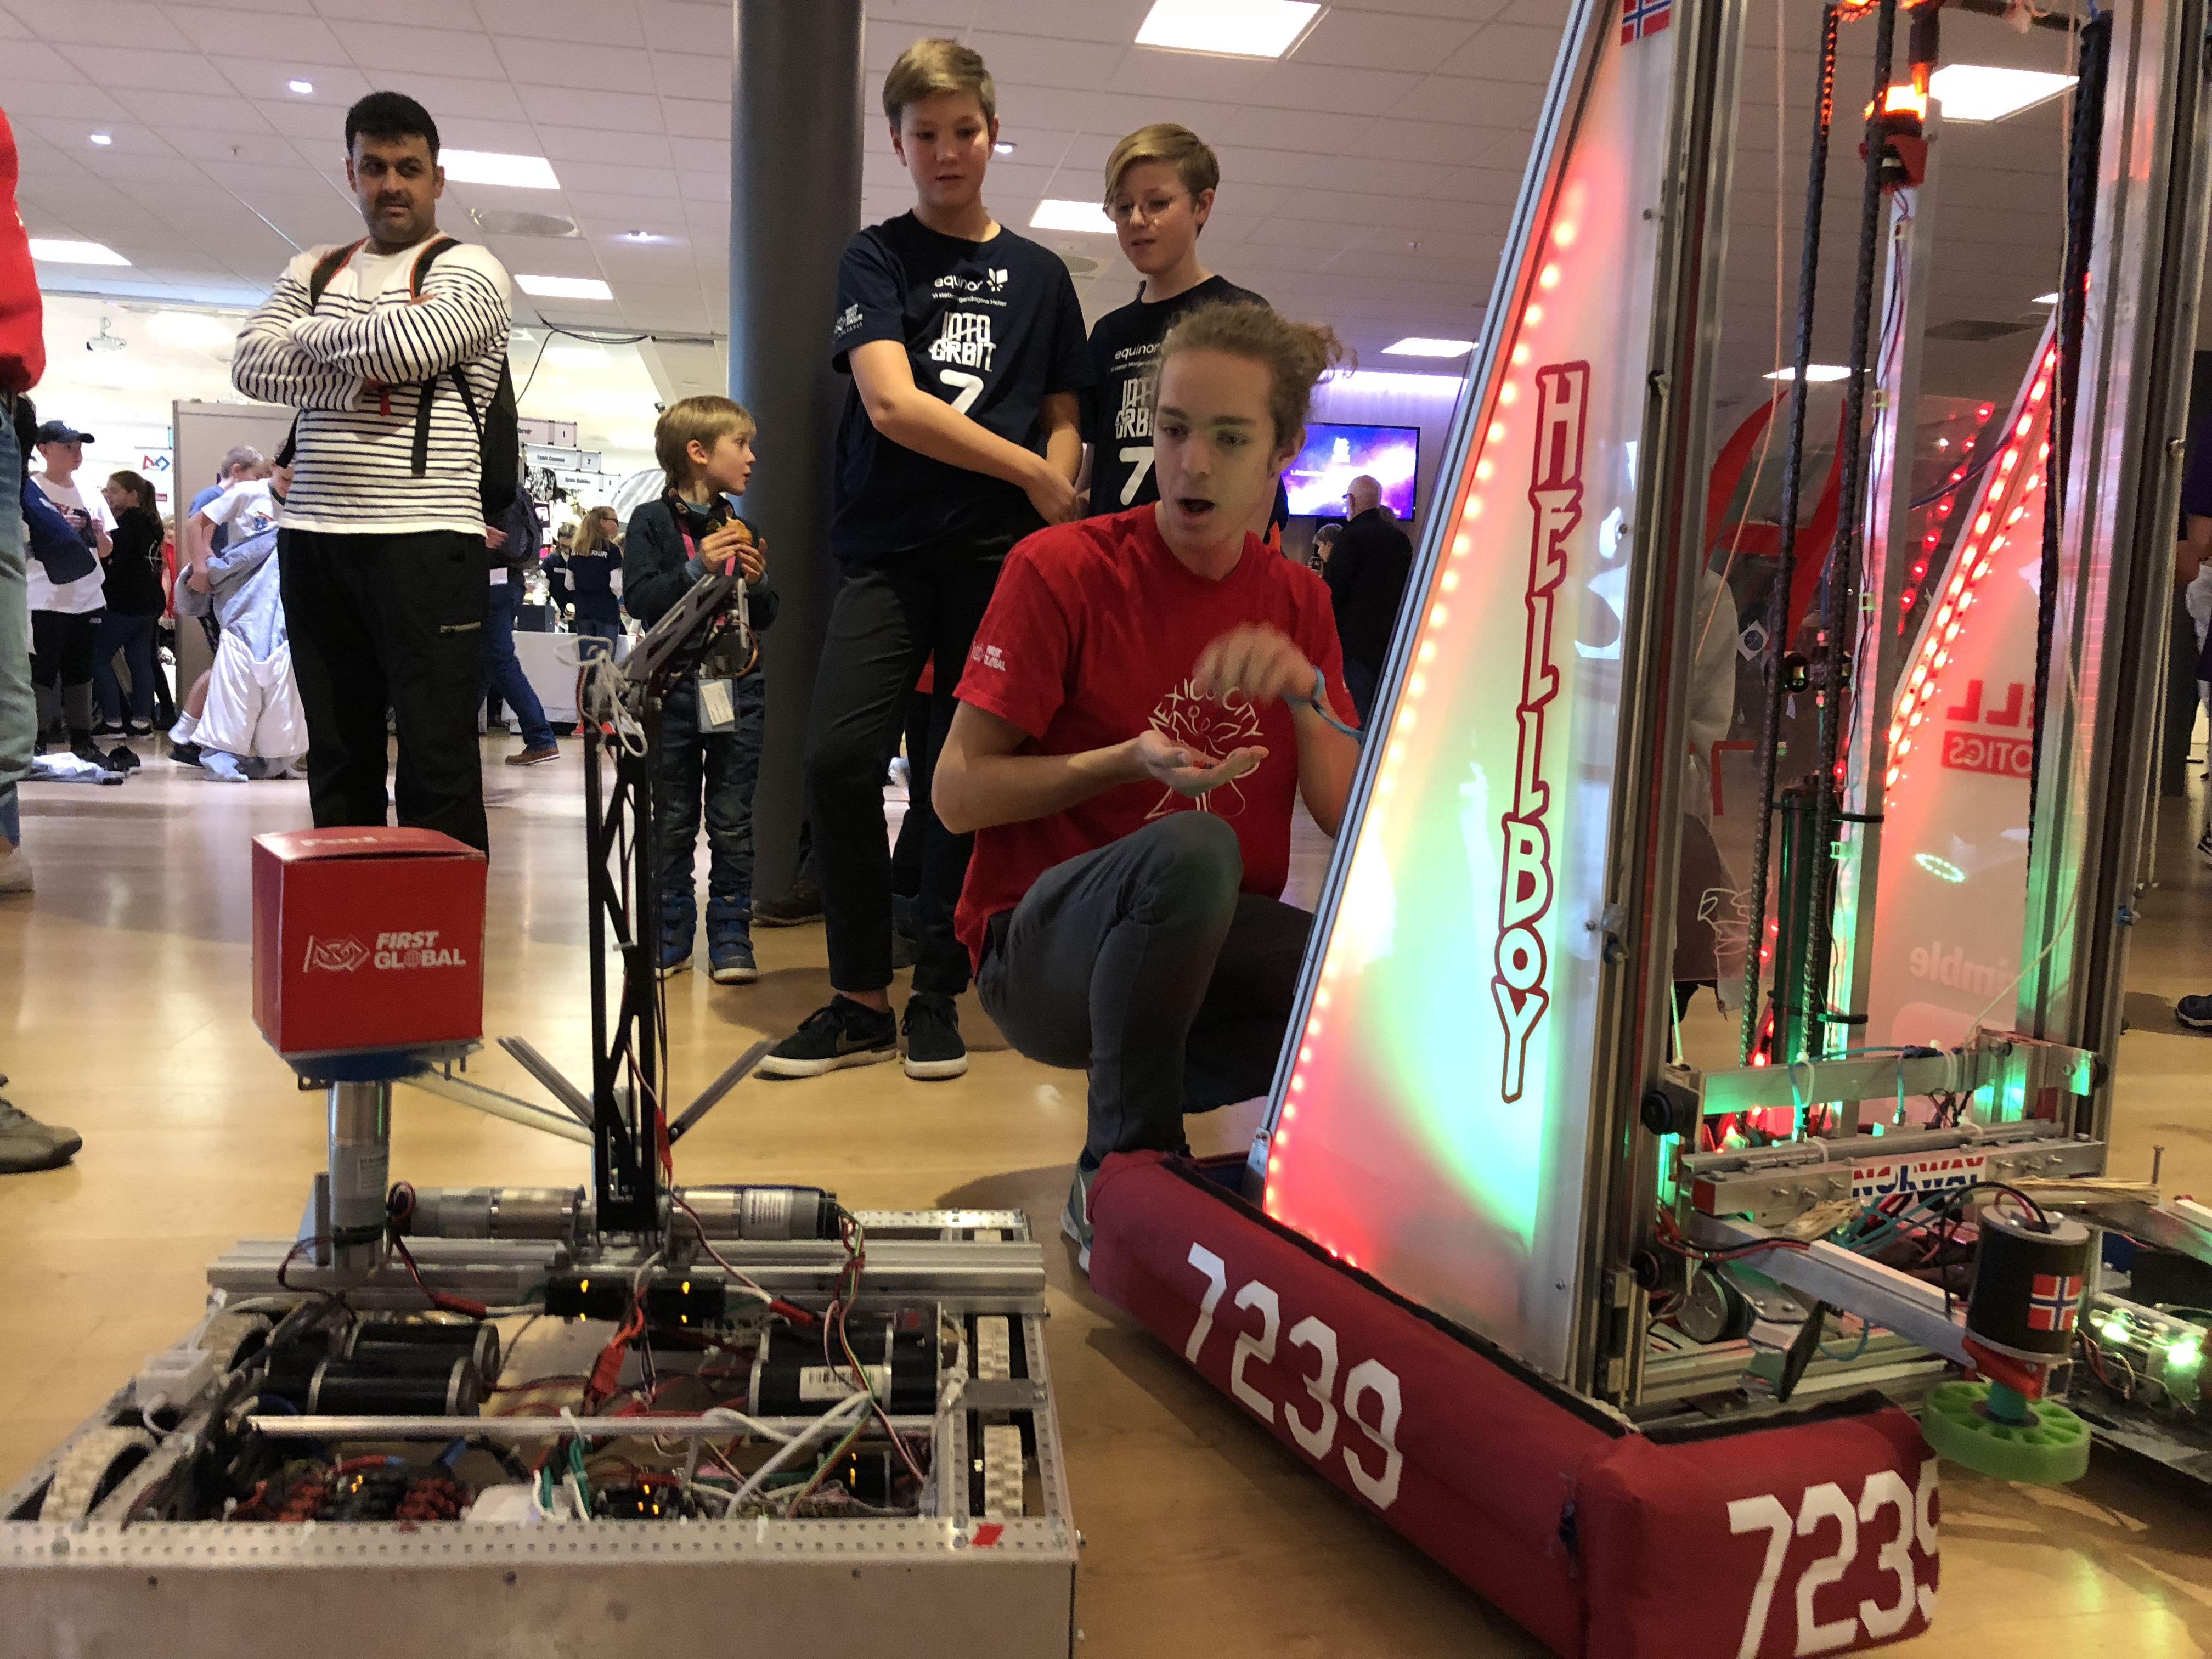 Hell Robotics in Fornebu (FLL)